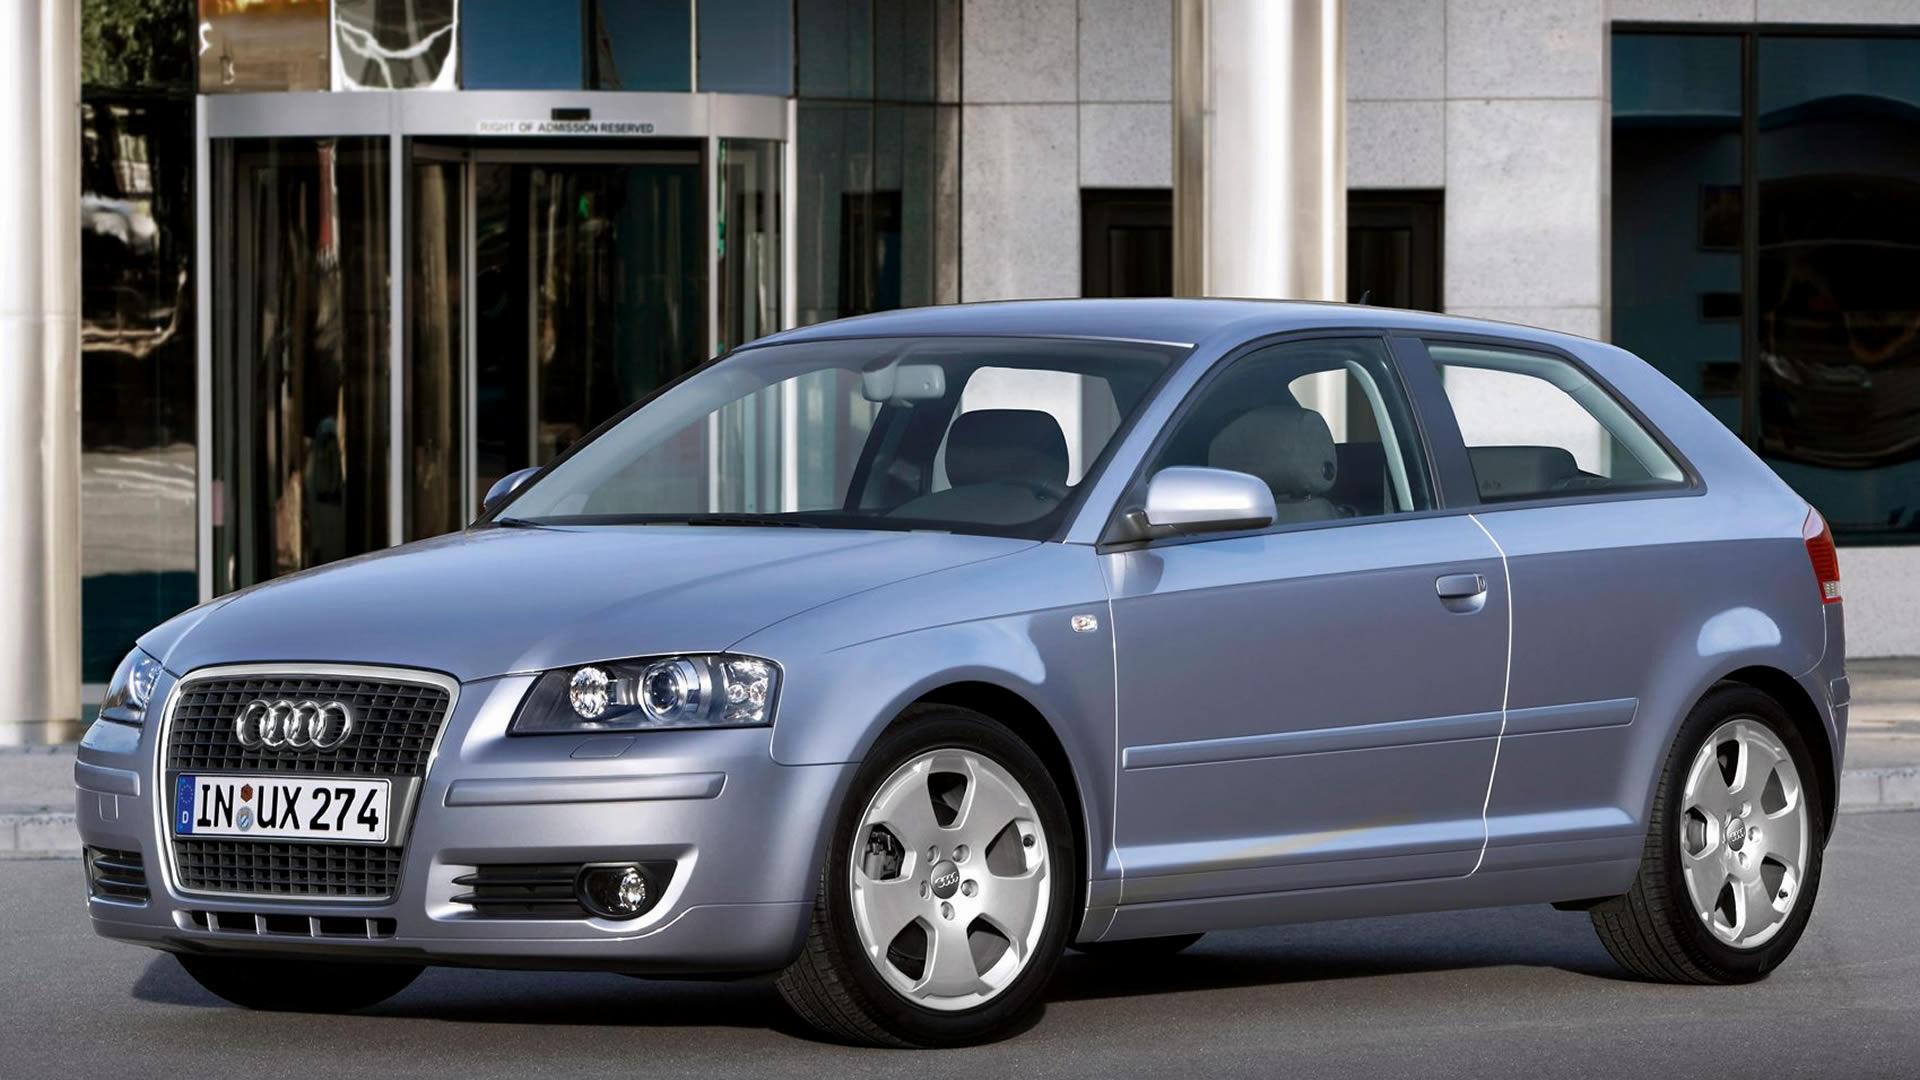 Kelebihan Kekurangan Audi A3 2005 Tangguh